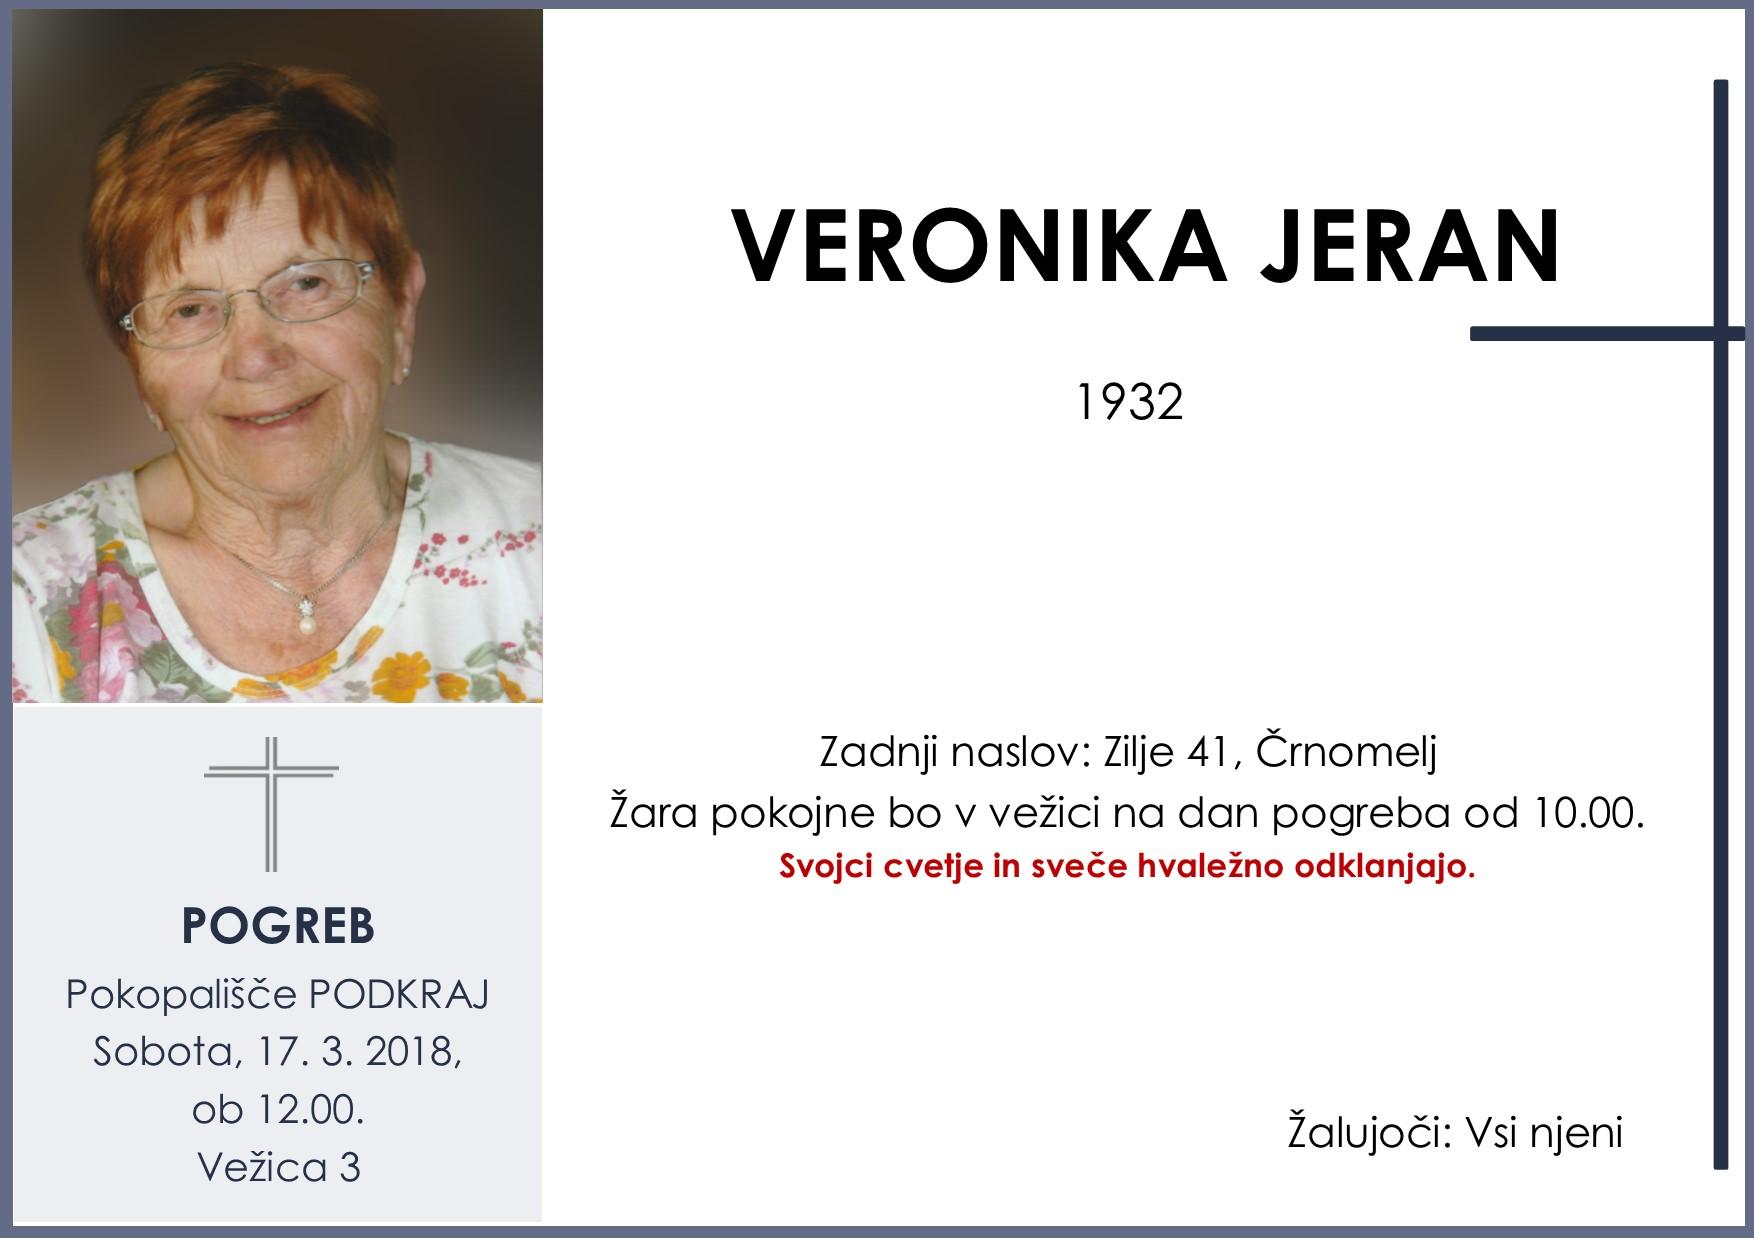 VERONIKA JERAN, Podkraj, 17. 03. 2018